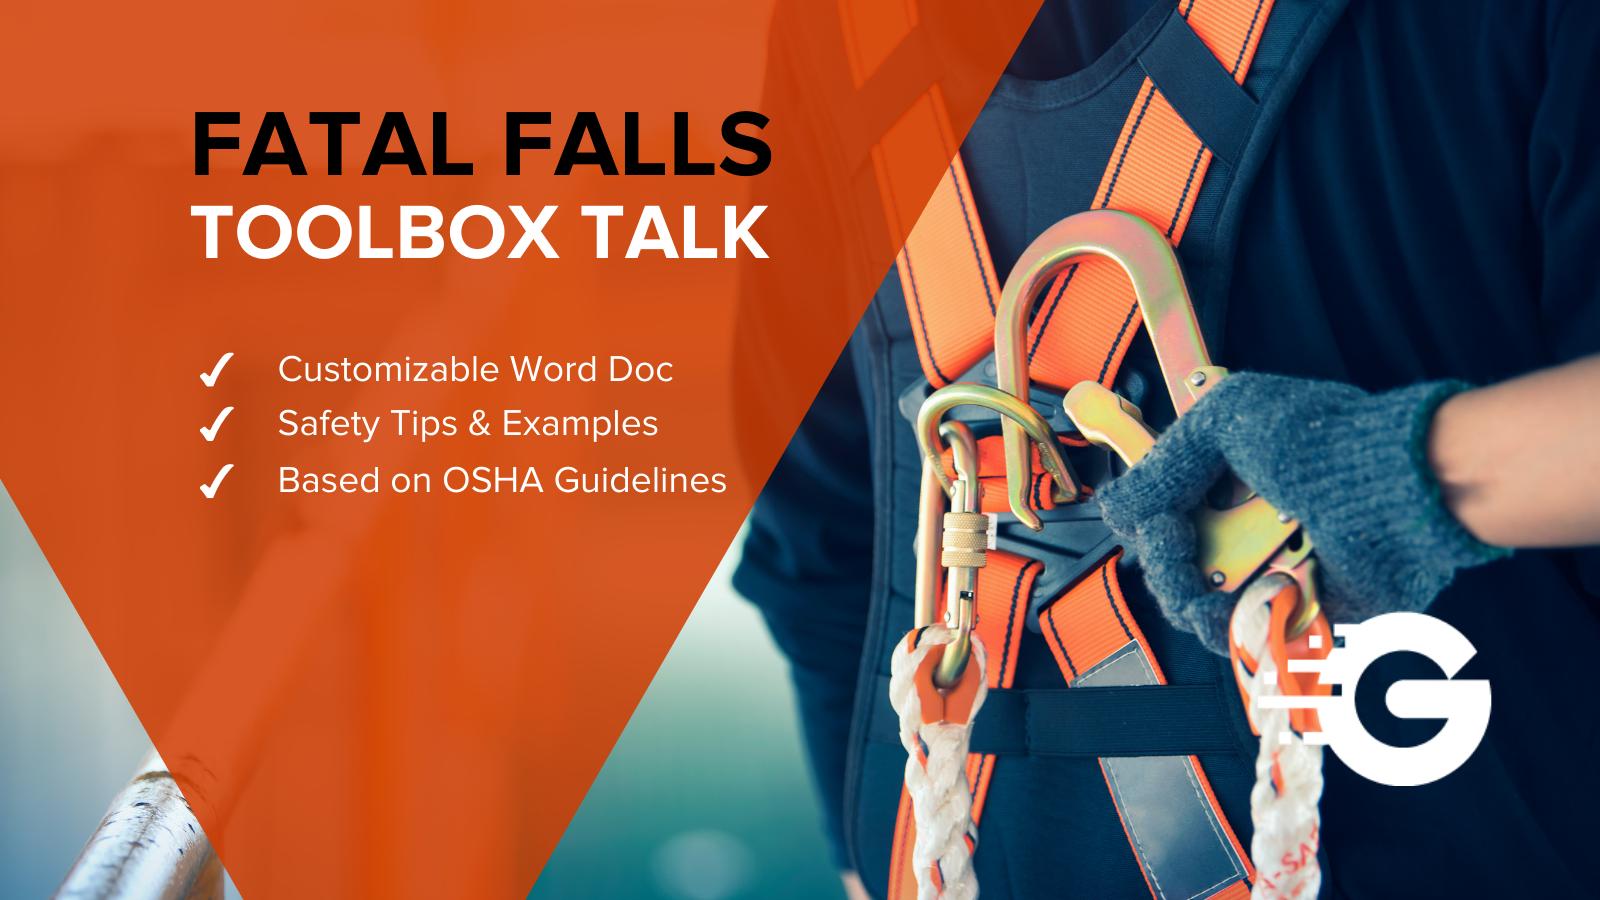 Free Toolbox Talk Download